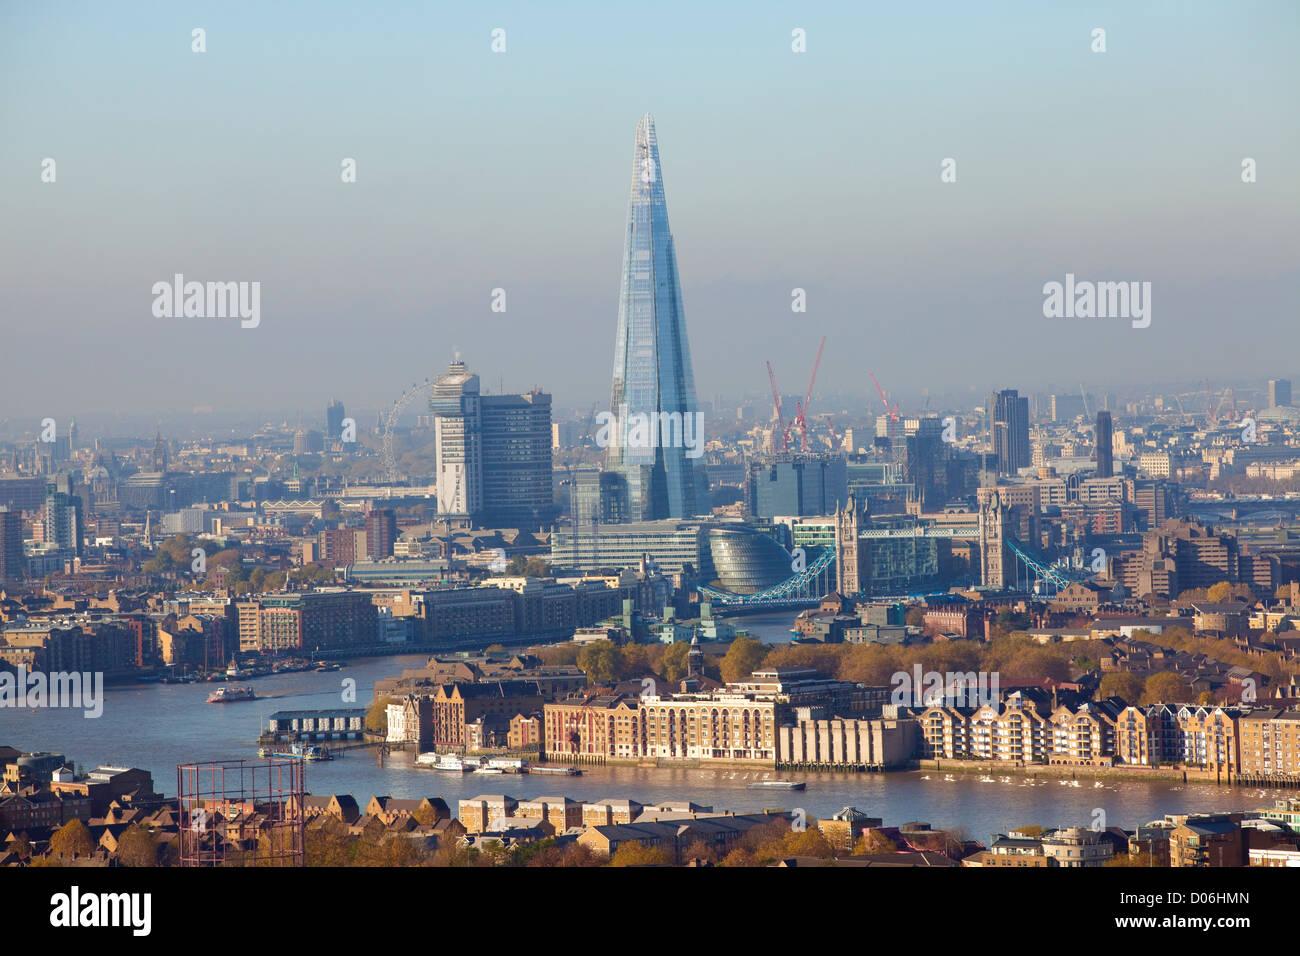 Vista hacia el oeste a lo largo del río Támesis, a través de la Shard building, Londres Desde Canary Wharf, London, England, Reino Unido Foto de stock